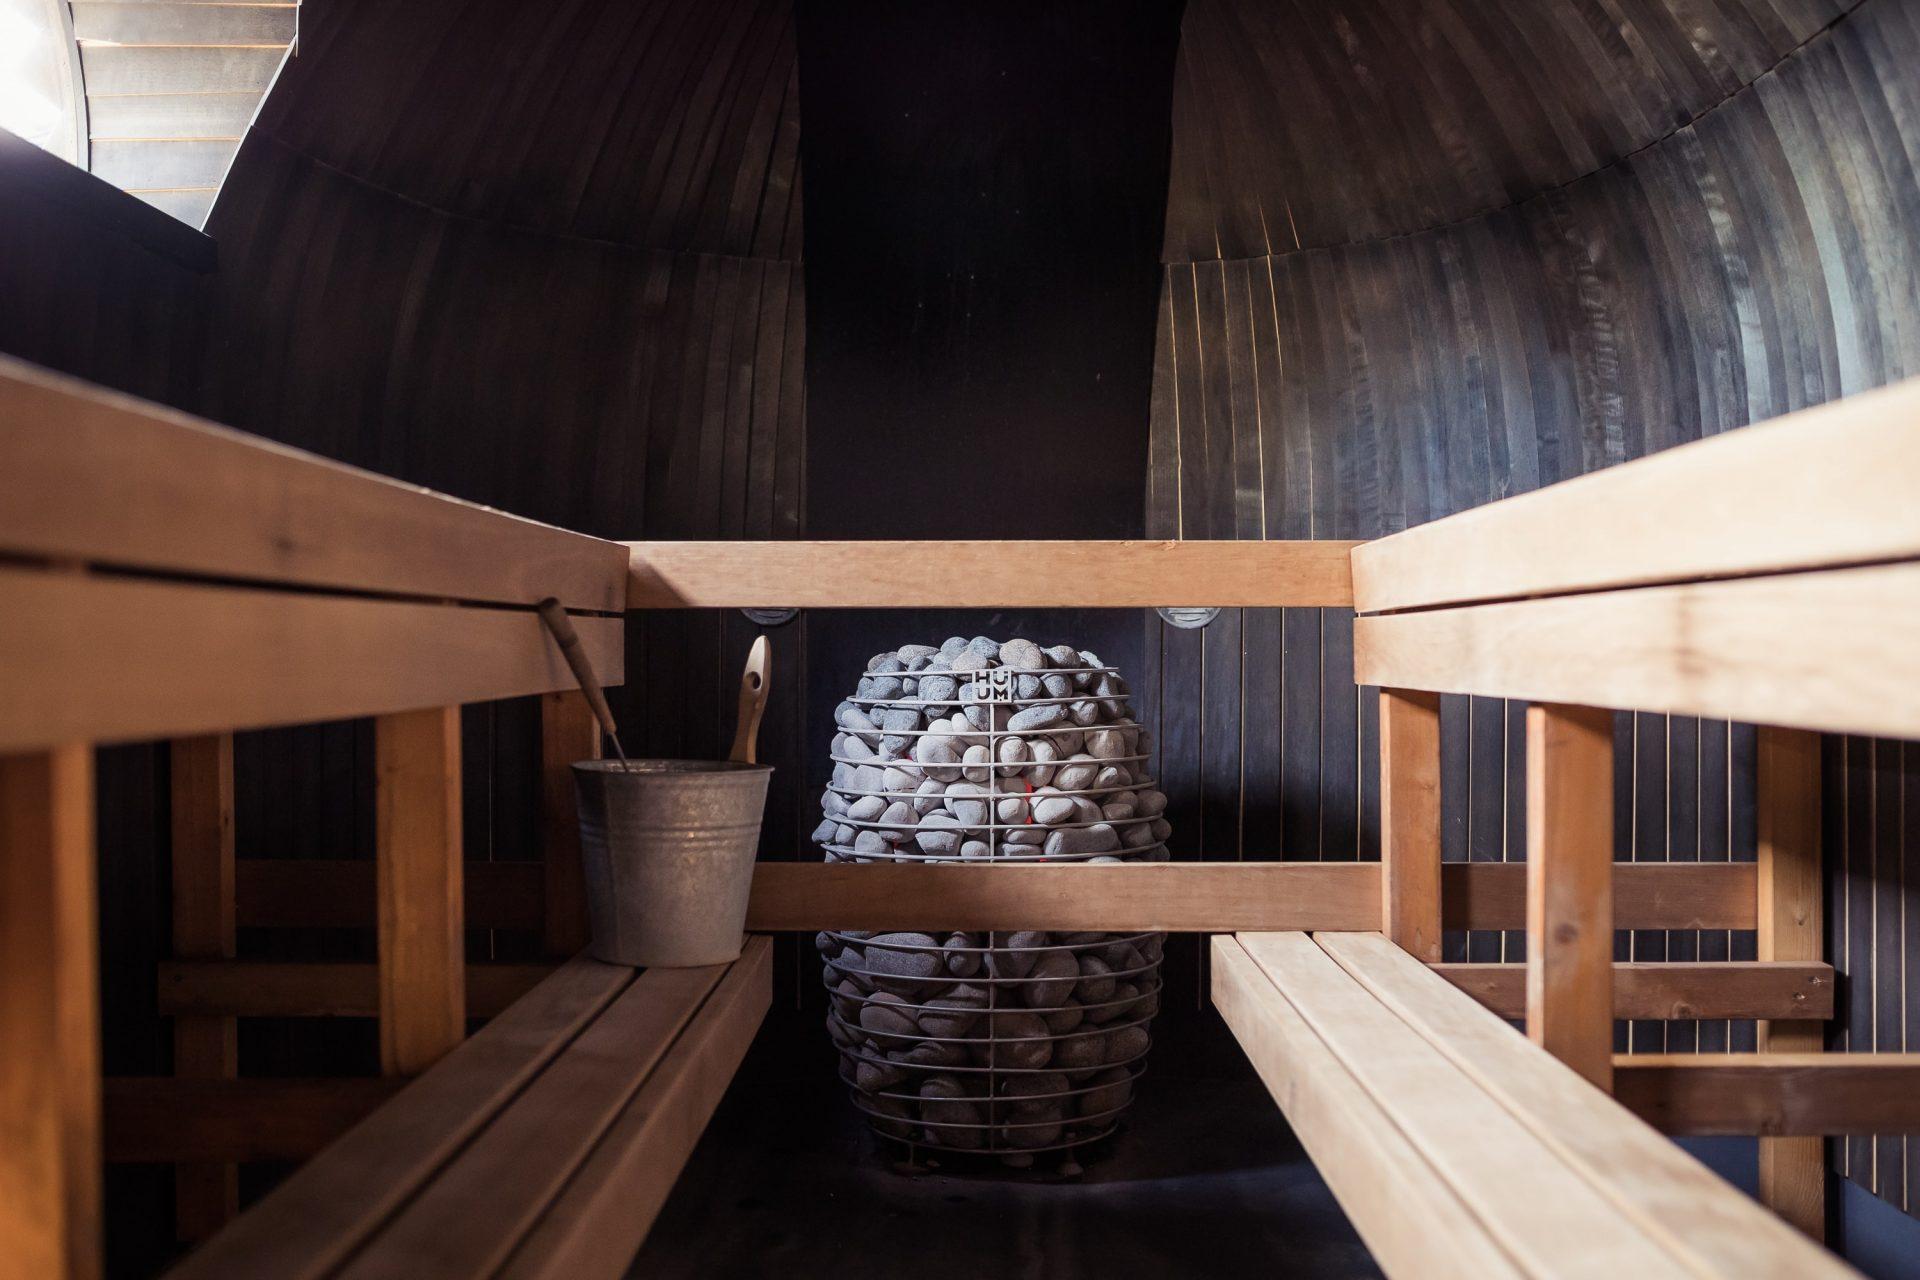 Een bezoek aan de sauna tijdens mijn zwangerschap, kan dat?